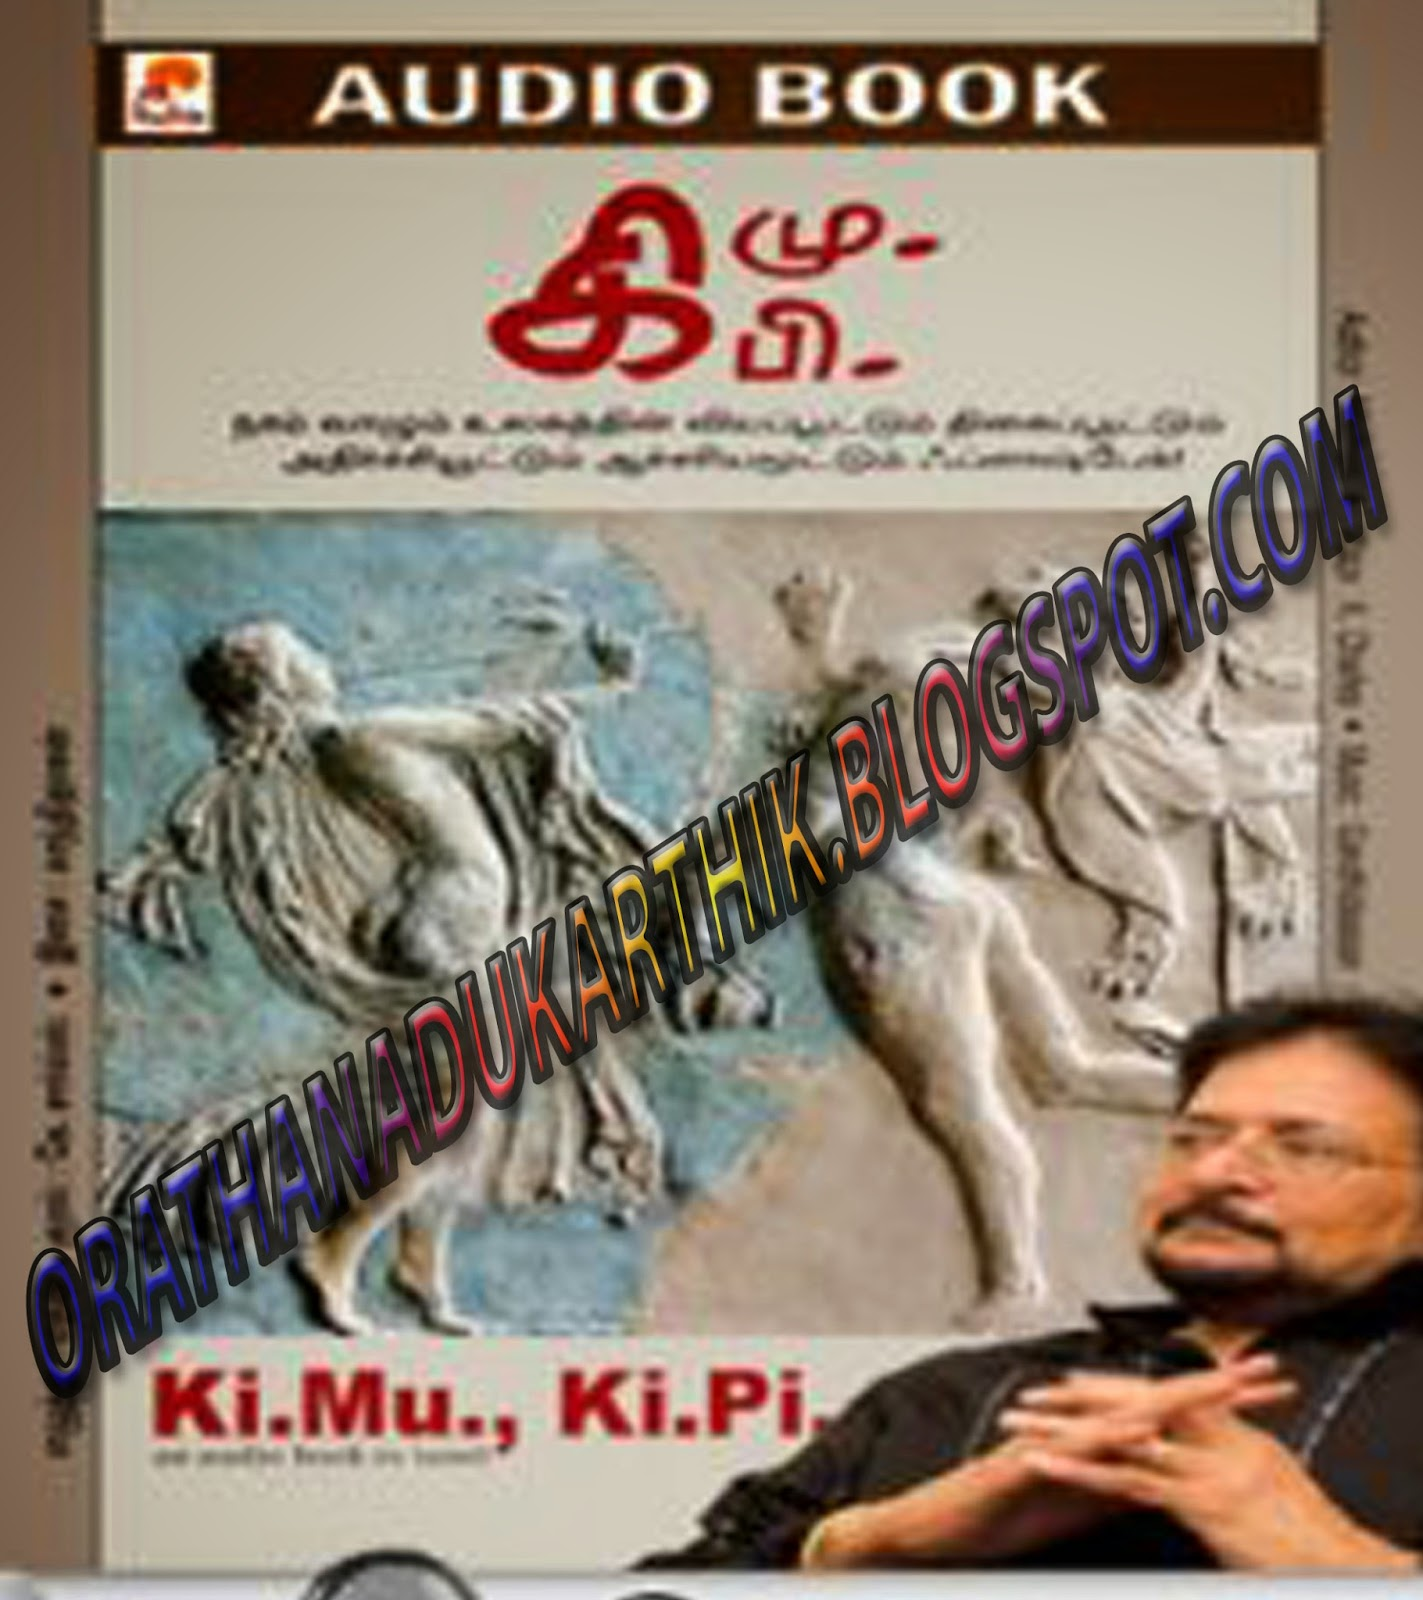 கி.மு./கி.பி-படுஜாலியான ஒலிப்புத்தகம். Keemu